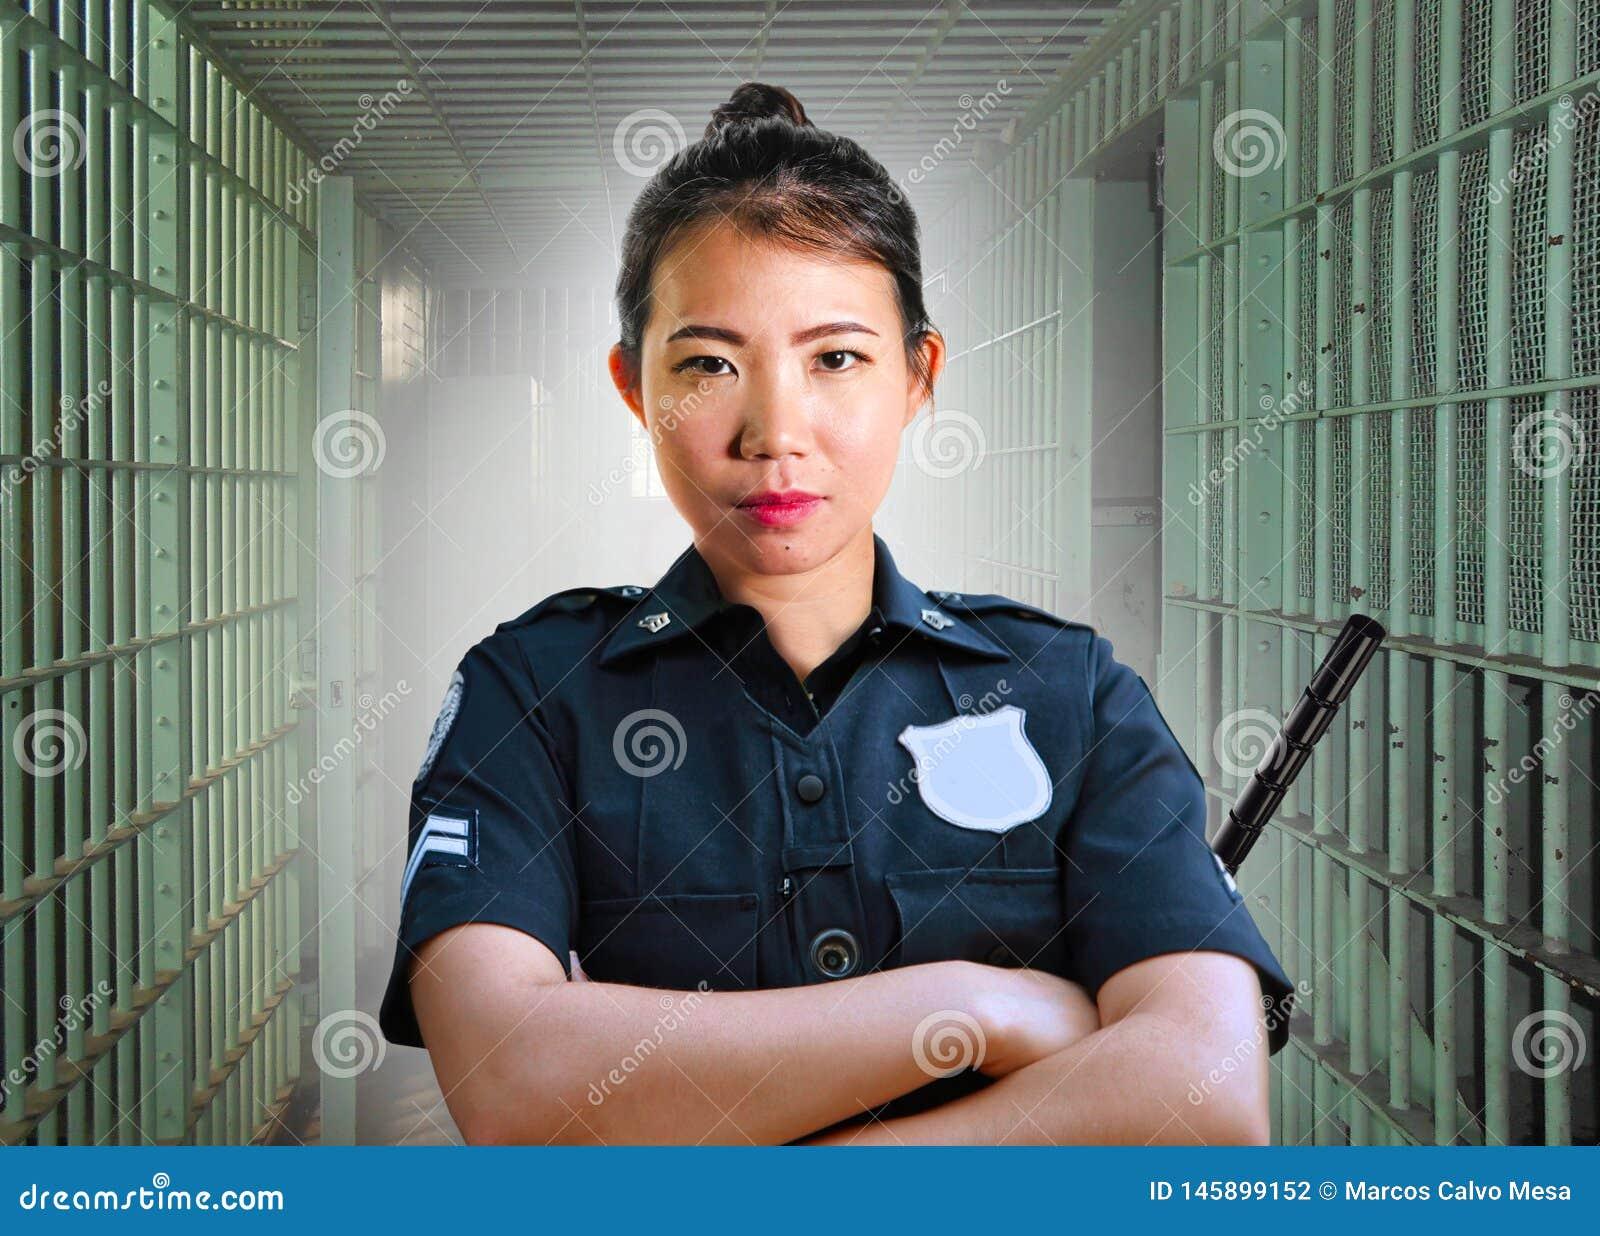 Νέα σοβαρή και ελκυστική ασιατική κορεατική γυναίκα φρουράς που στέκεται στο κύτταρο στο κρατικό σωφρονιστήριο που φορά την αστυν